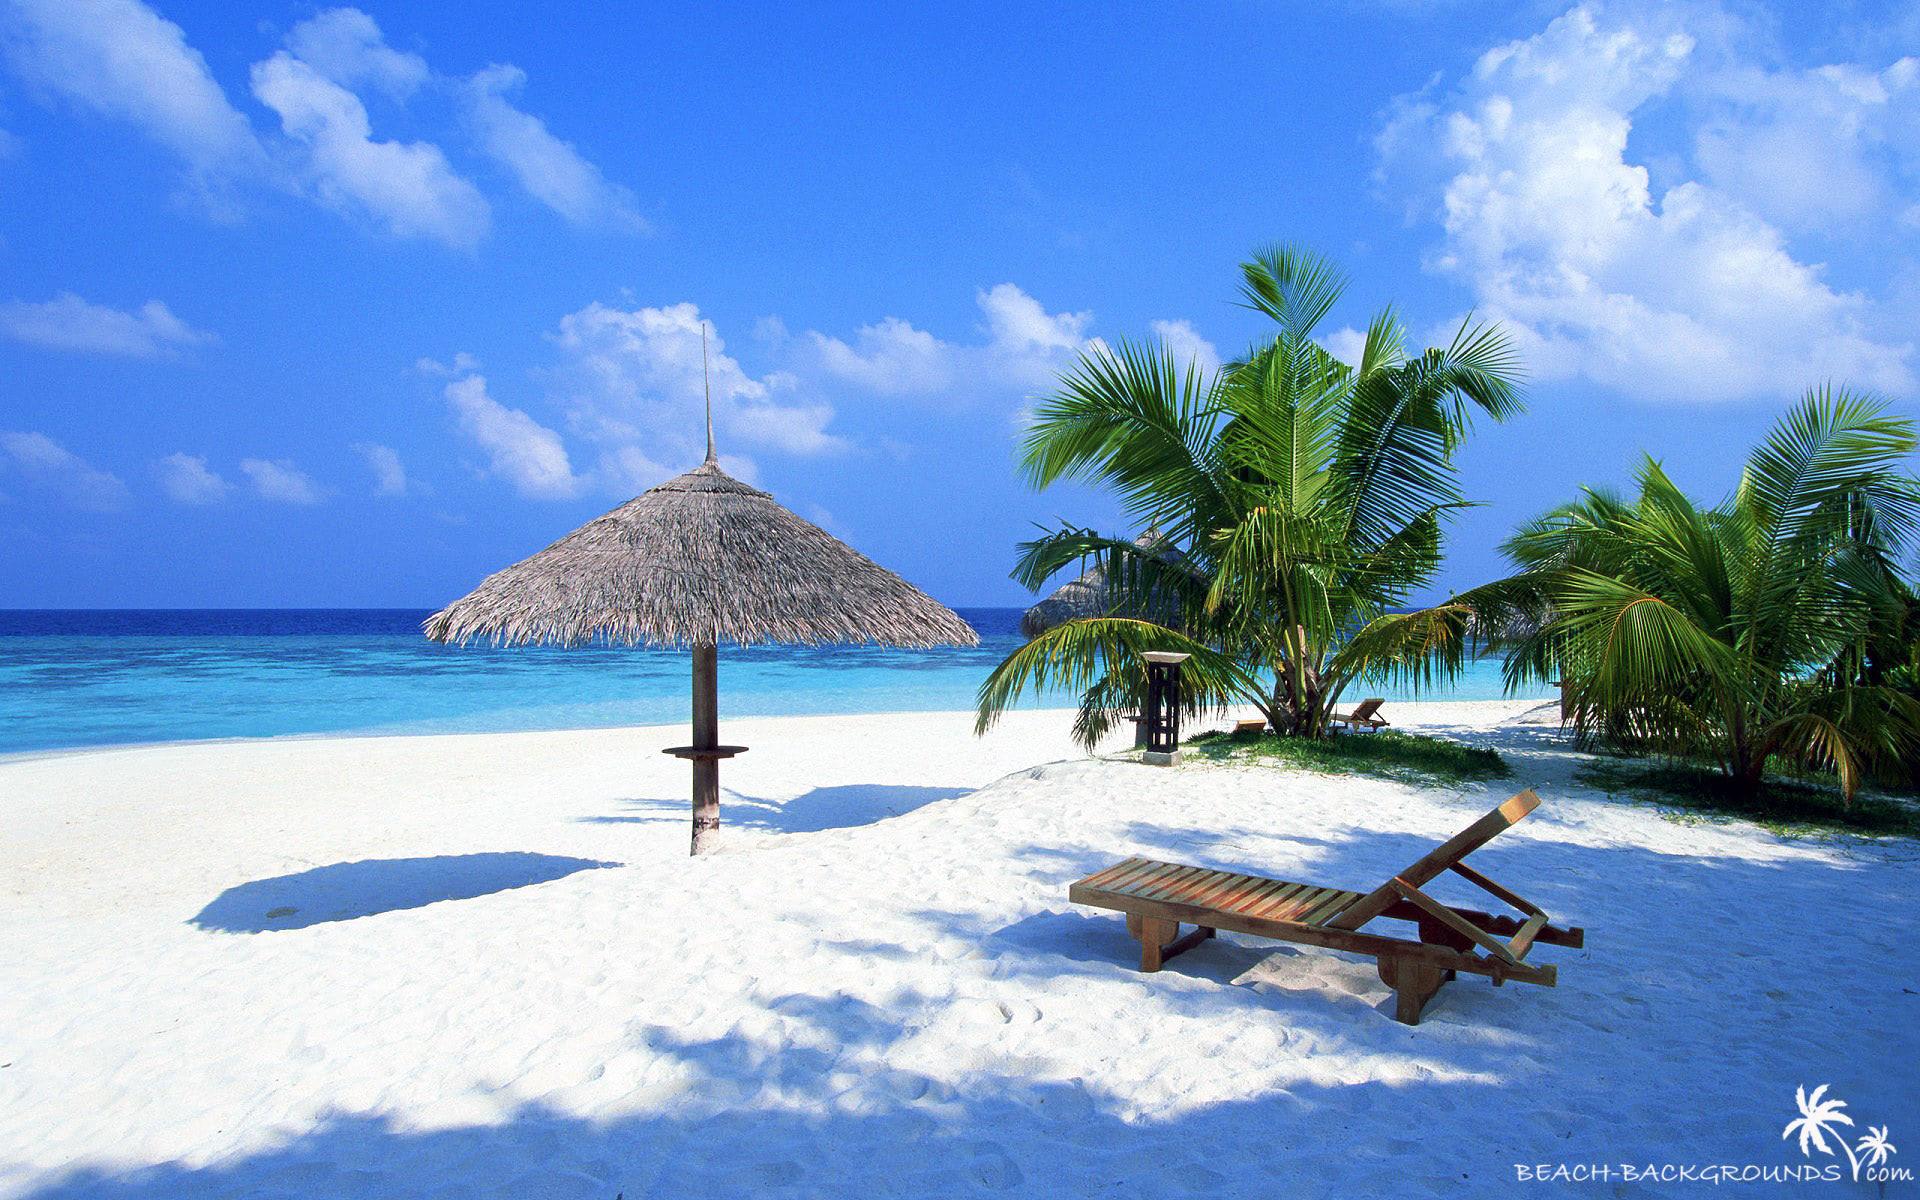 Most Inspiring Wallpaper Macbook Tropical - tropical-beach-wallpaper-1920x1200-144  2018_406024.jpg